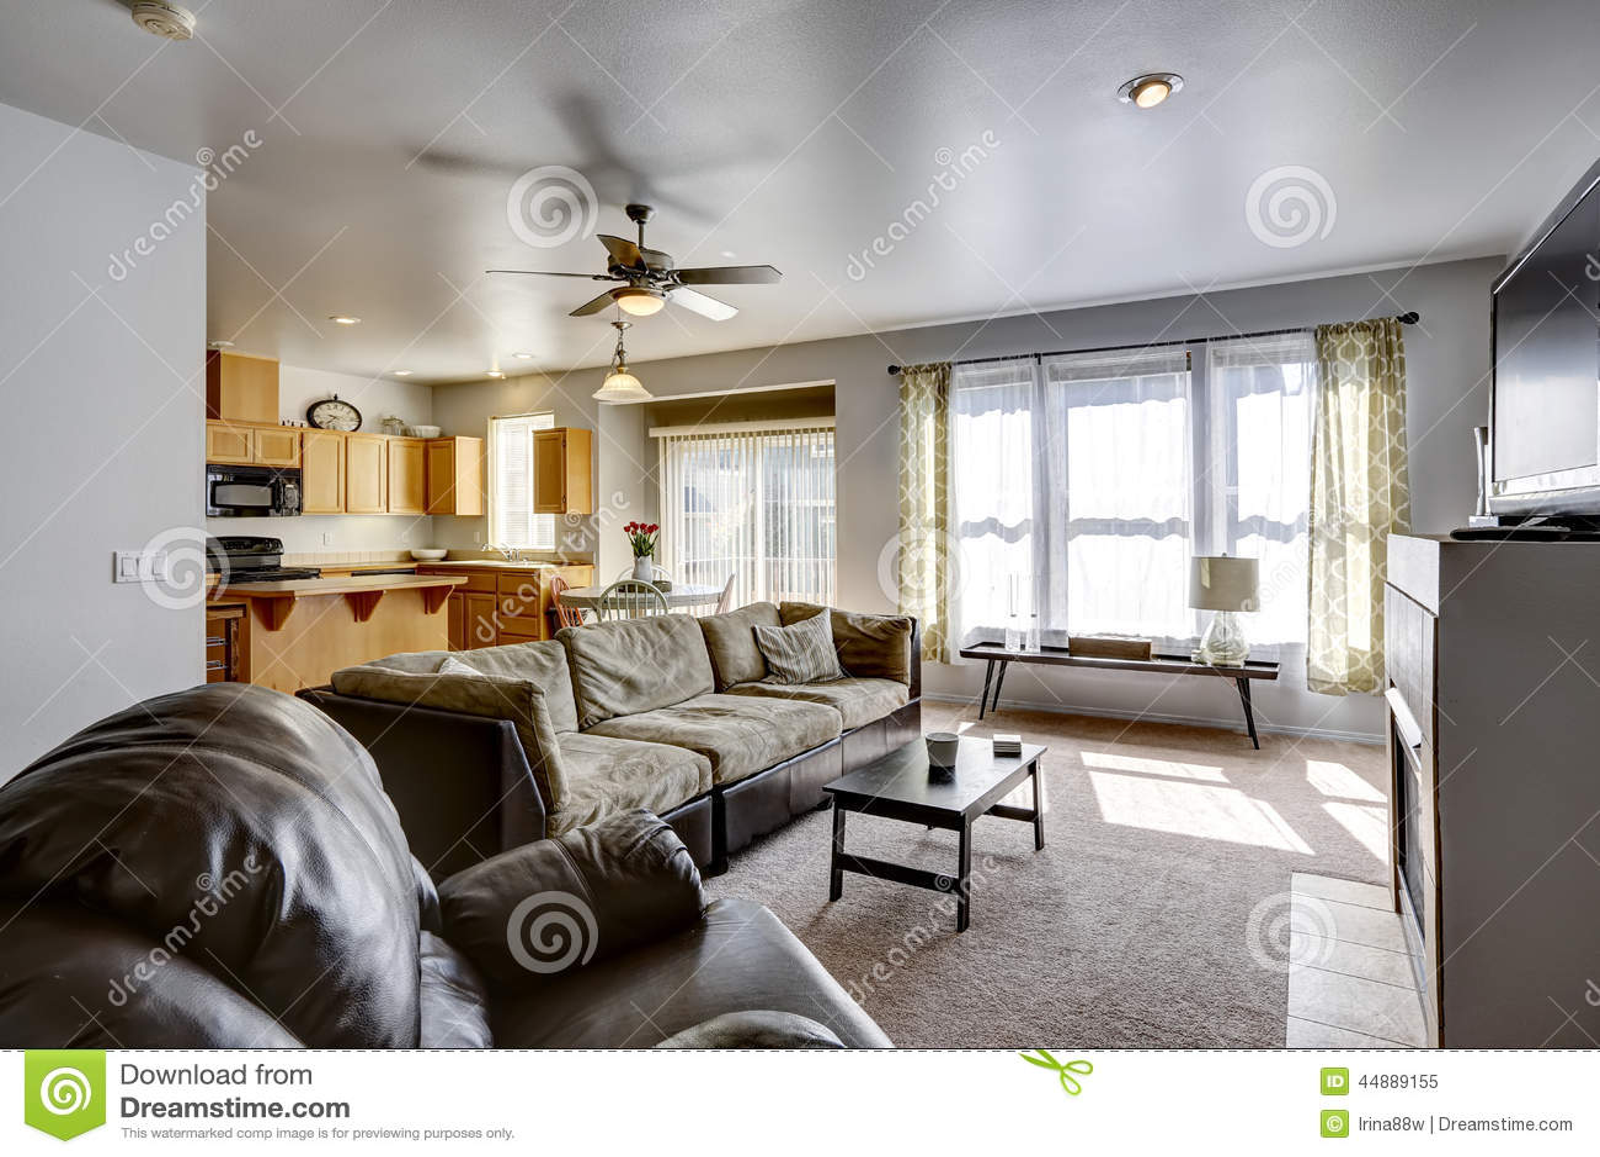 Hus med plan för öppet golv område för familjrum och kök arkivfoto ...